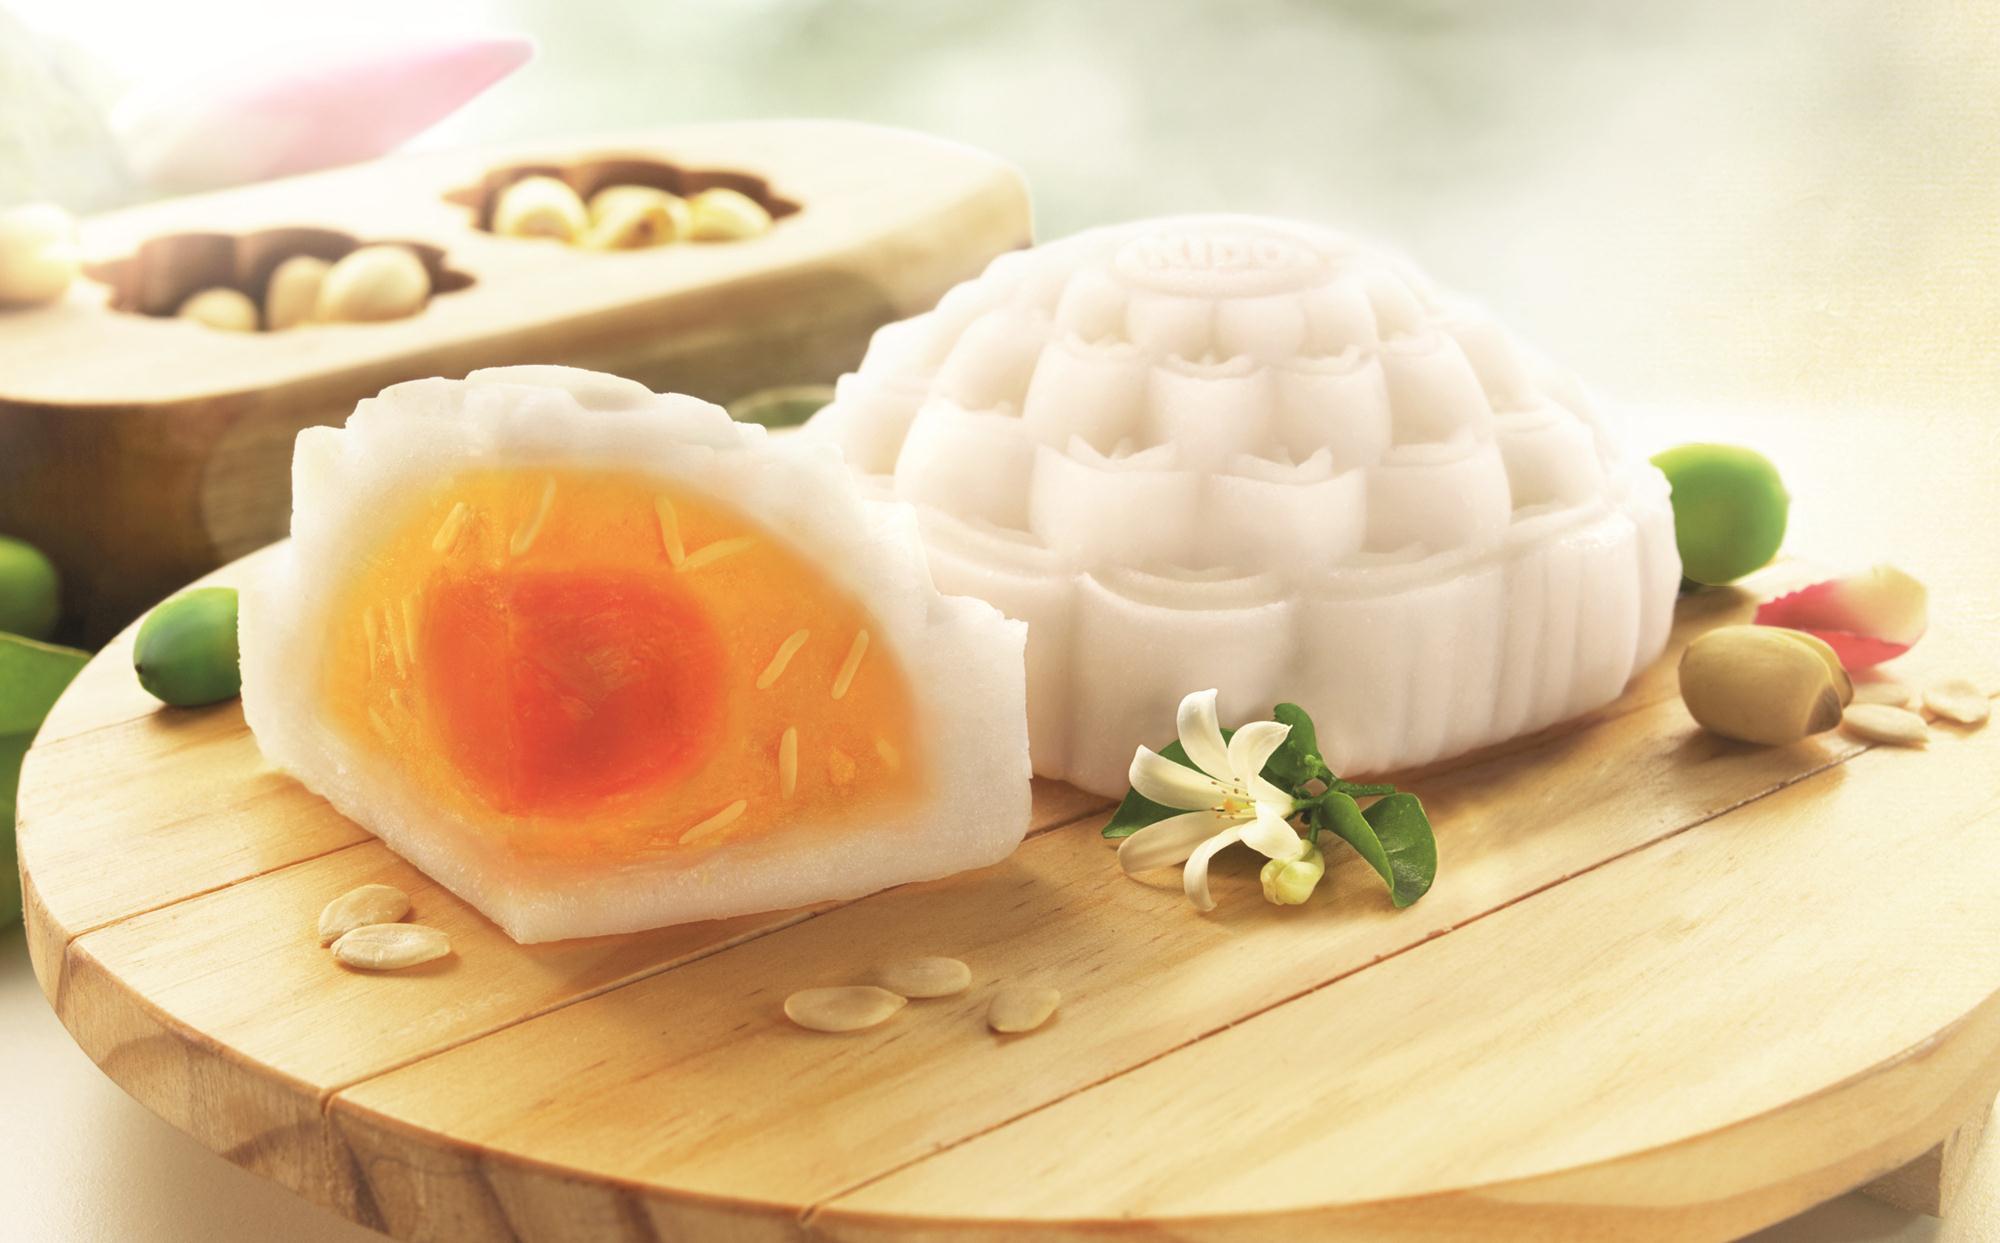 Cách chọn bánh Trung thu ngon sạch, đảm bảo an toàn thực phẩm